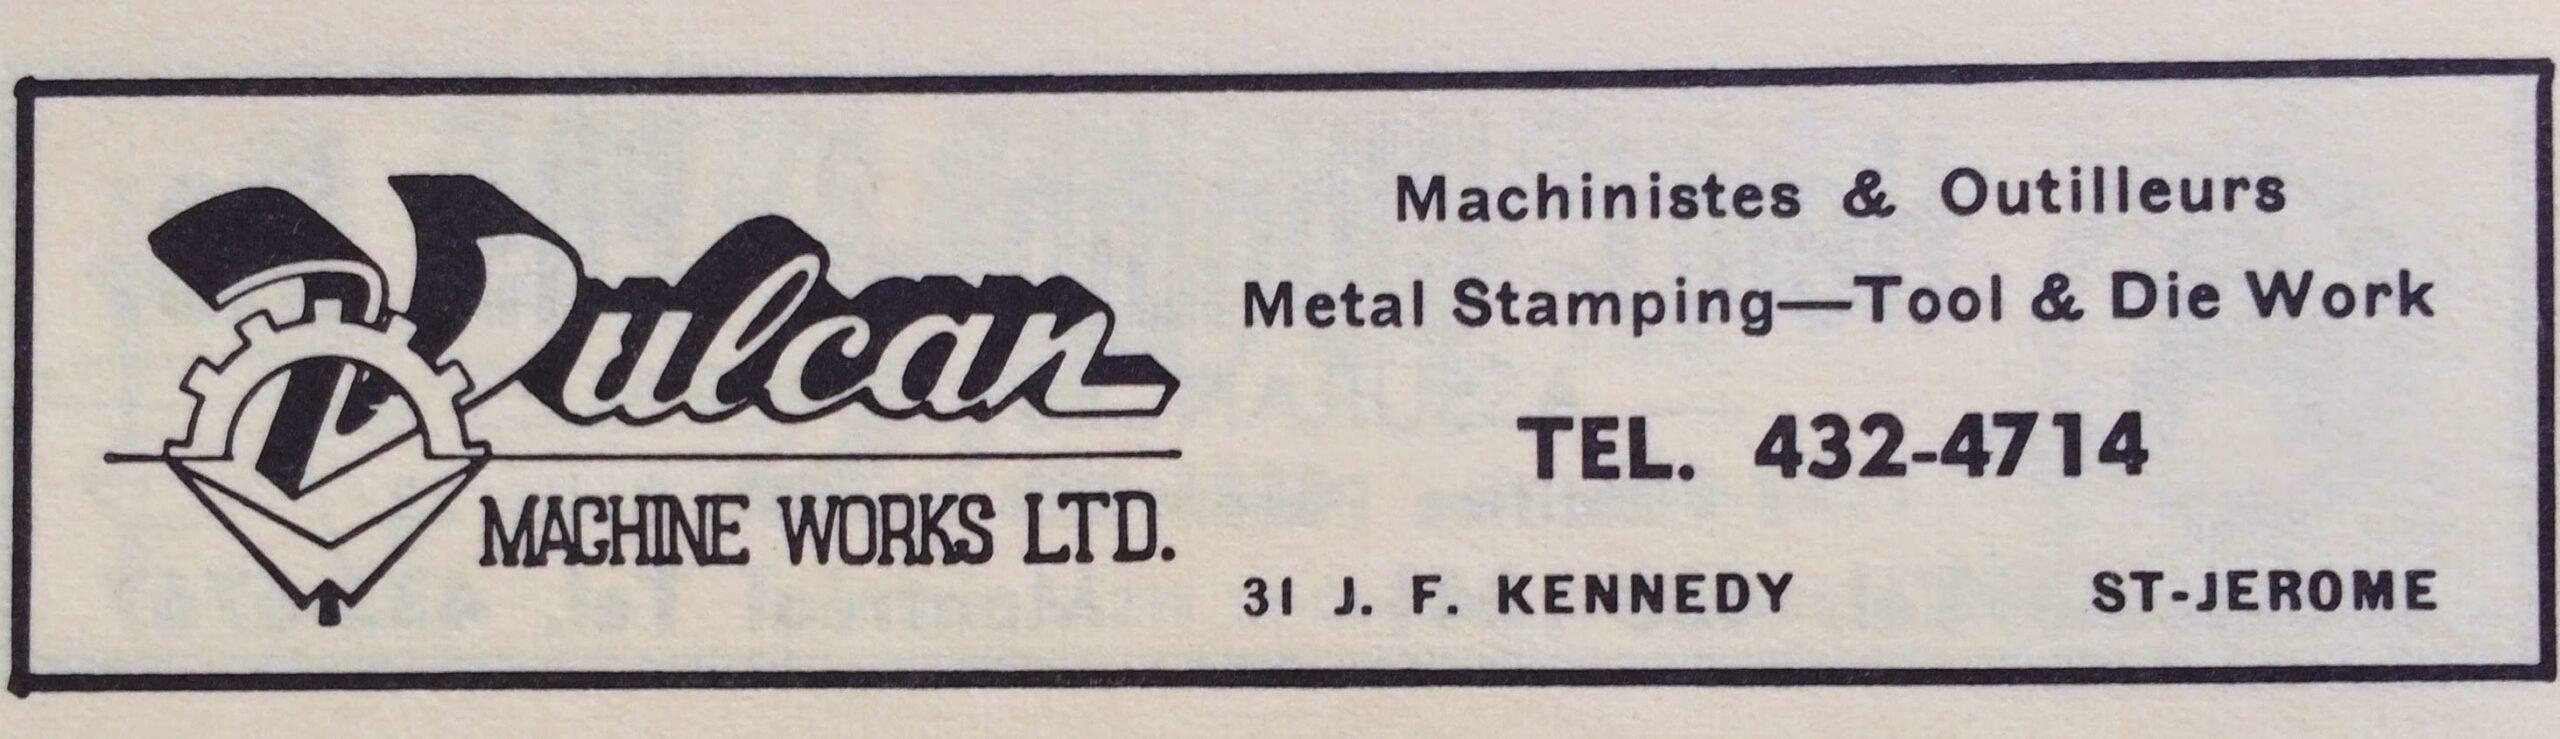 Publicité tirée d'un annuaire de Saint-Jérôme, en 1969.